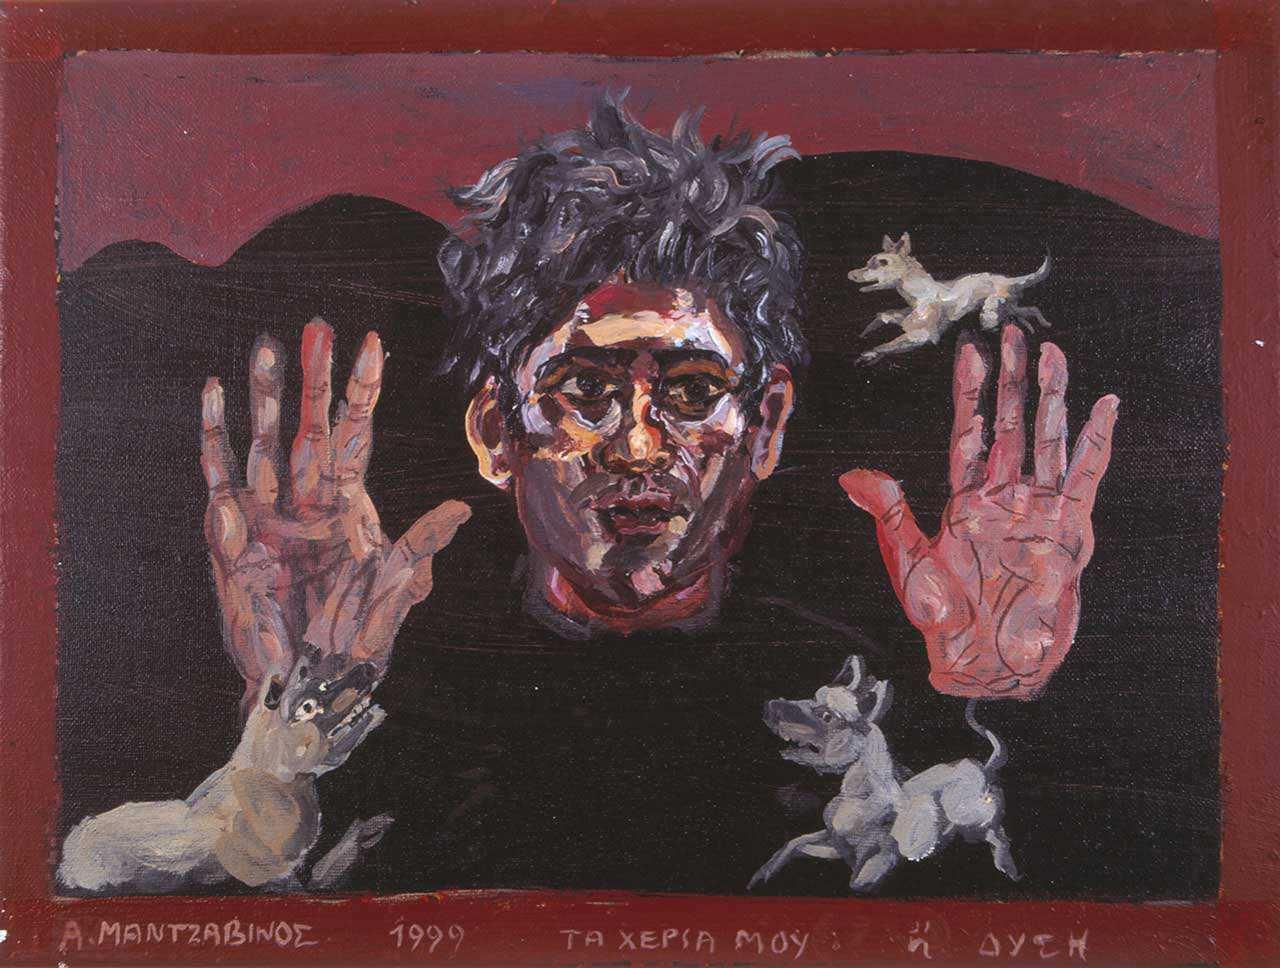 Τα χέρια μου (Δύση), 1999, λάδι σε καμβά, 30x40 εκ.